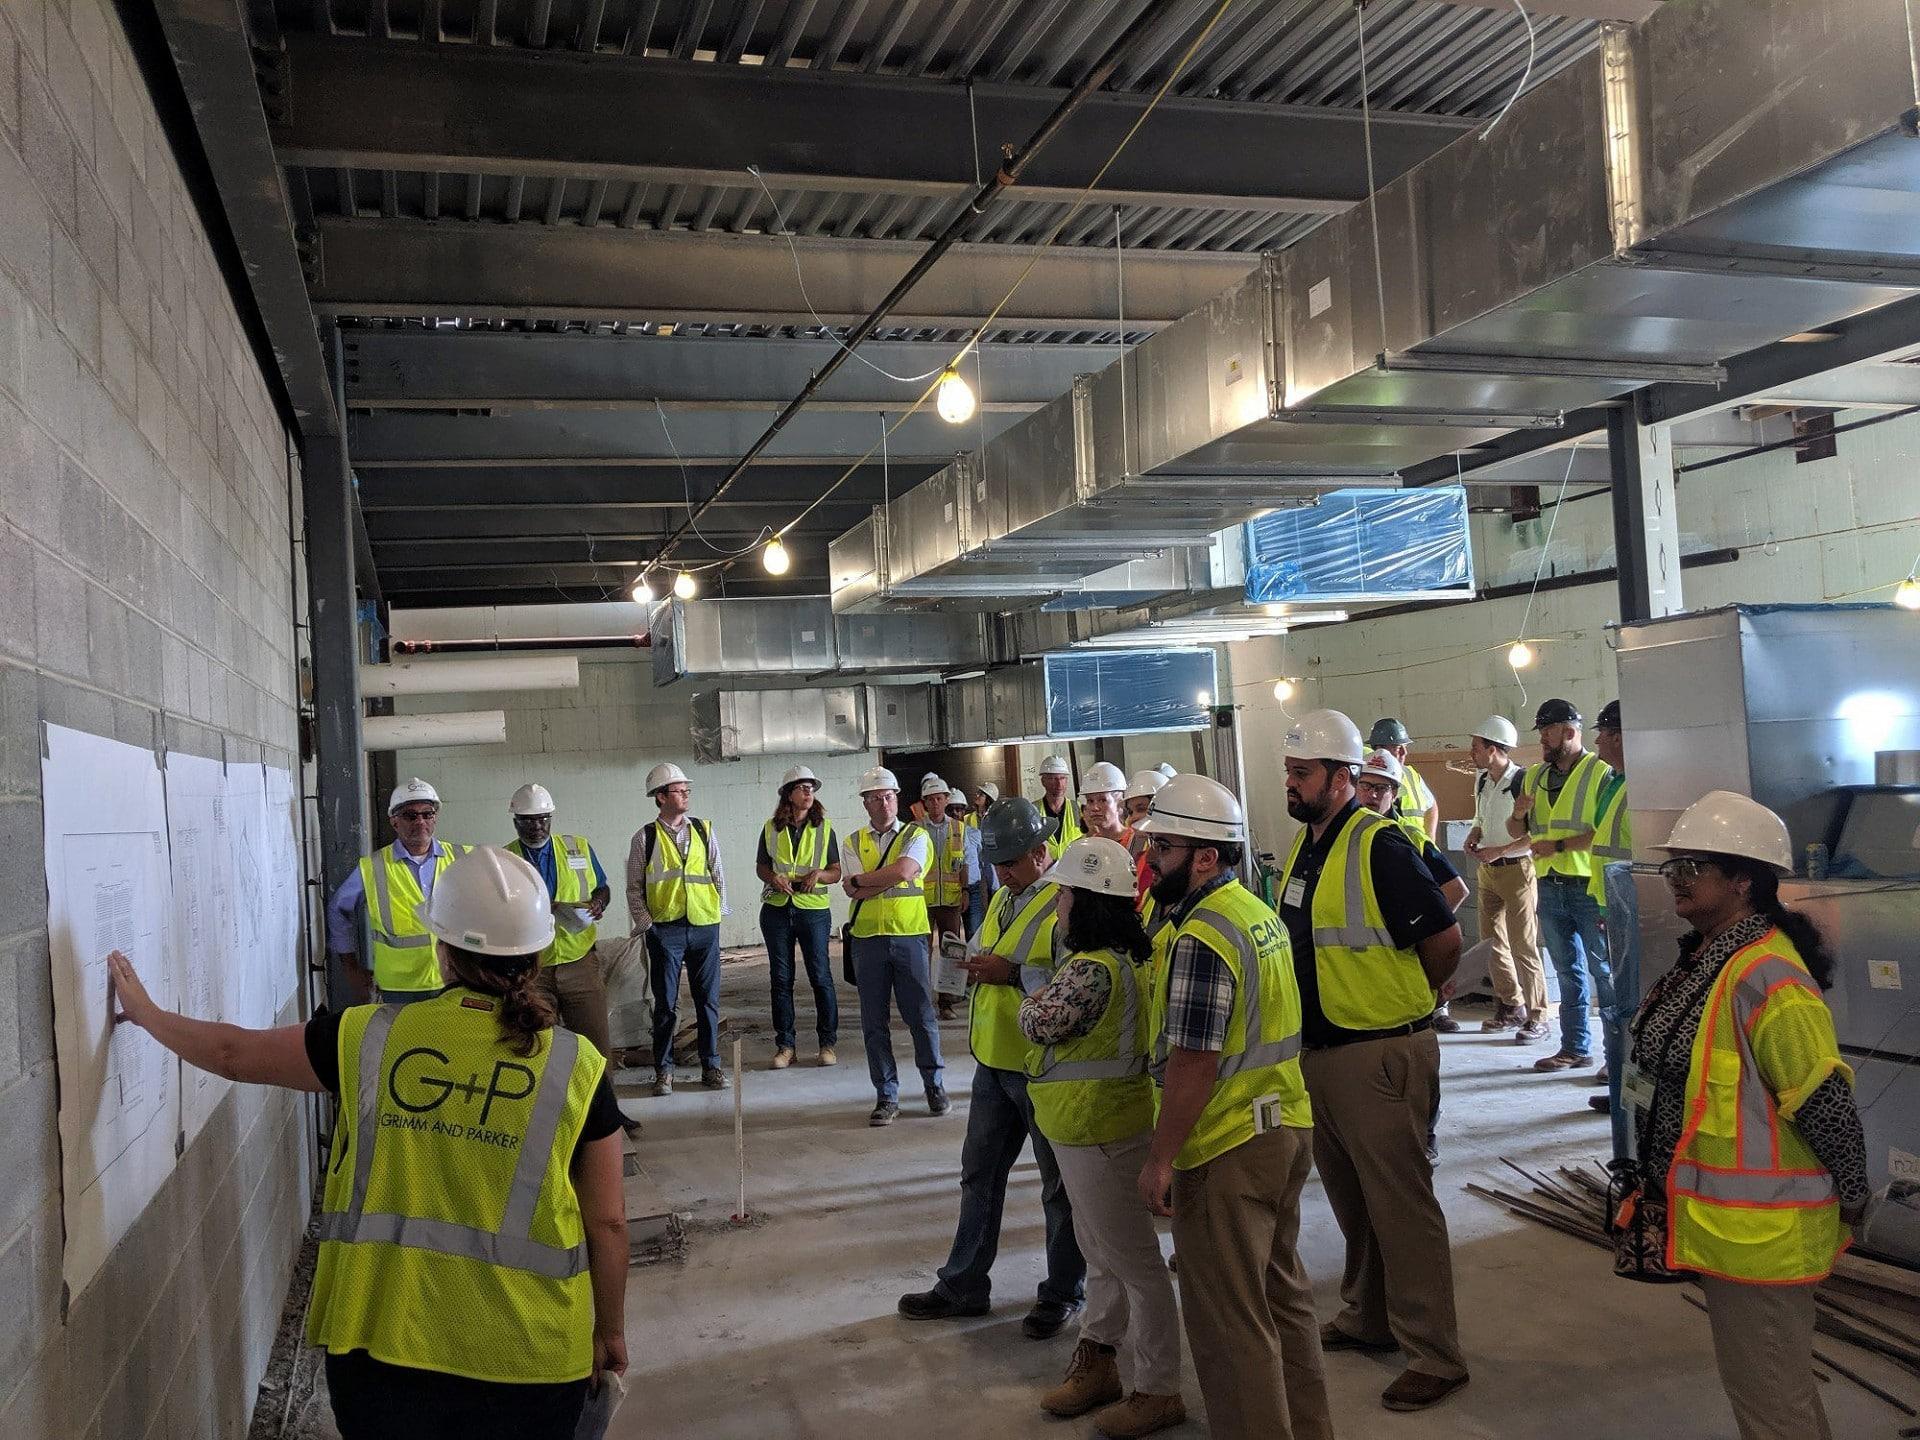 Em todo o mundo cresce número de profissionais da engenharia civil e da arquitetura à frente de projetos voltados para a construção sustentável Crédito: USGBC